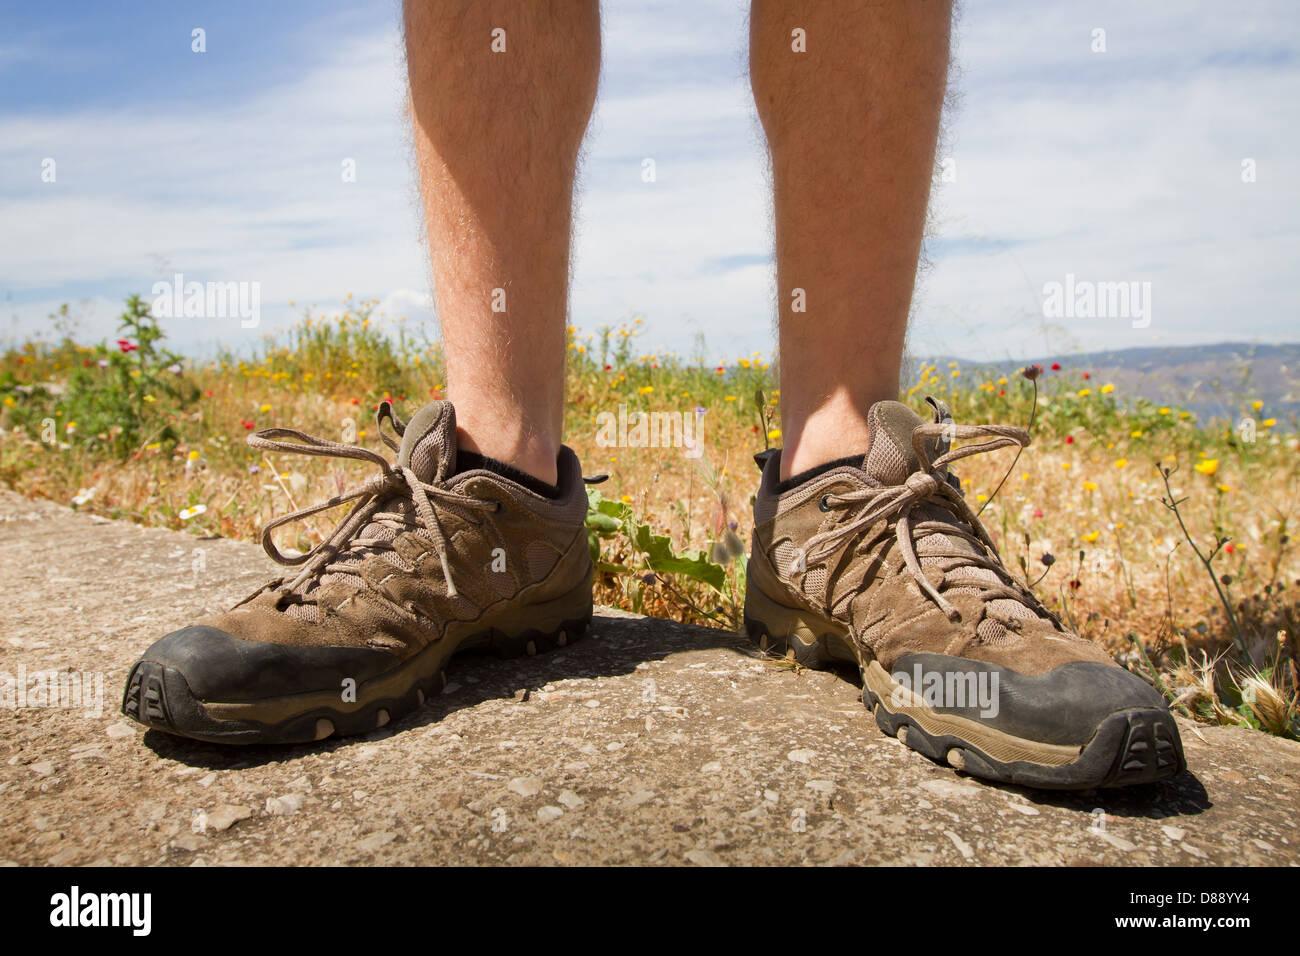 trekking shoes outdoor, legs of hiker - Stock Image